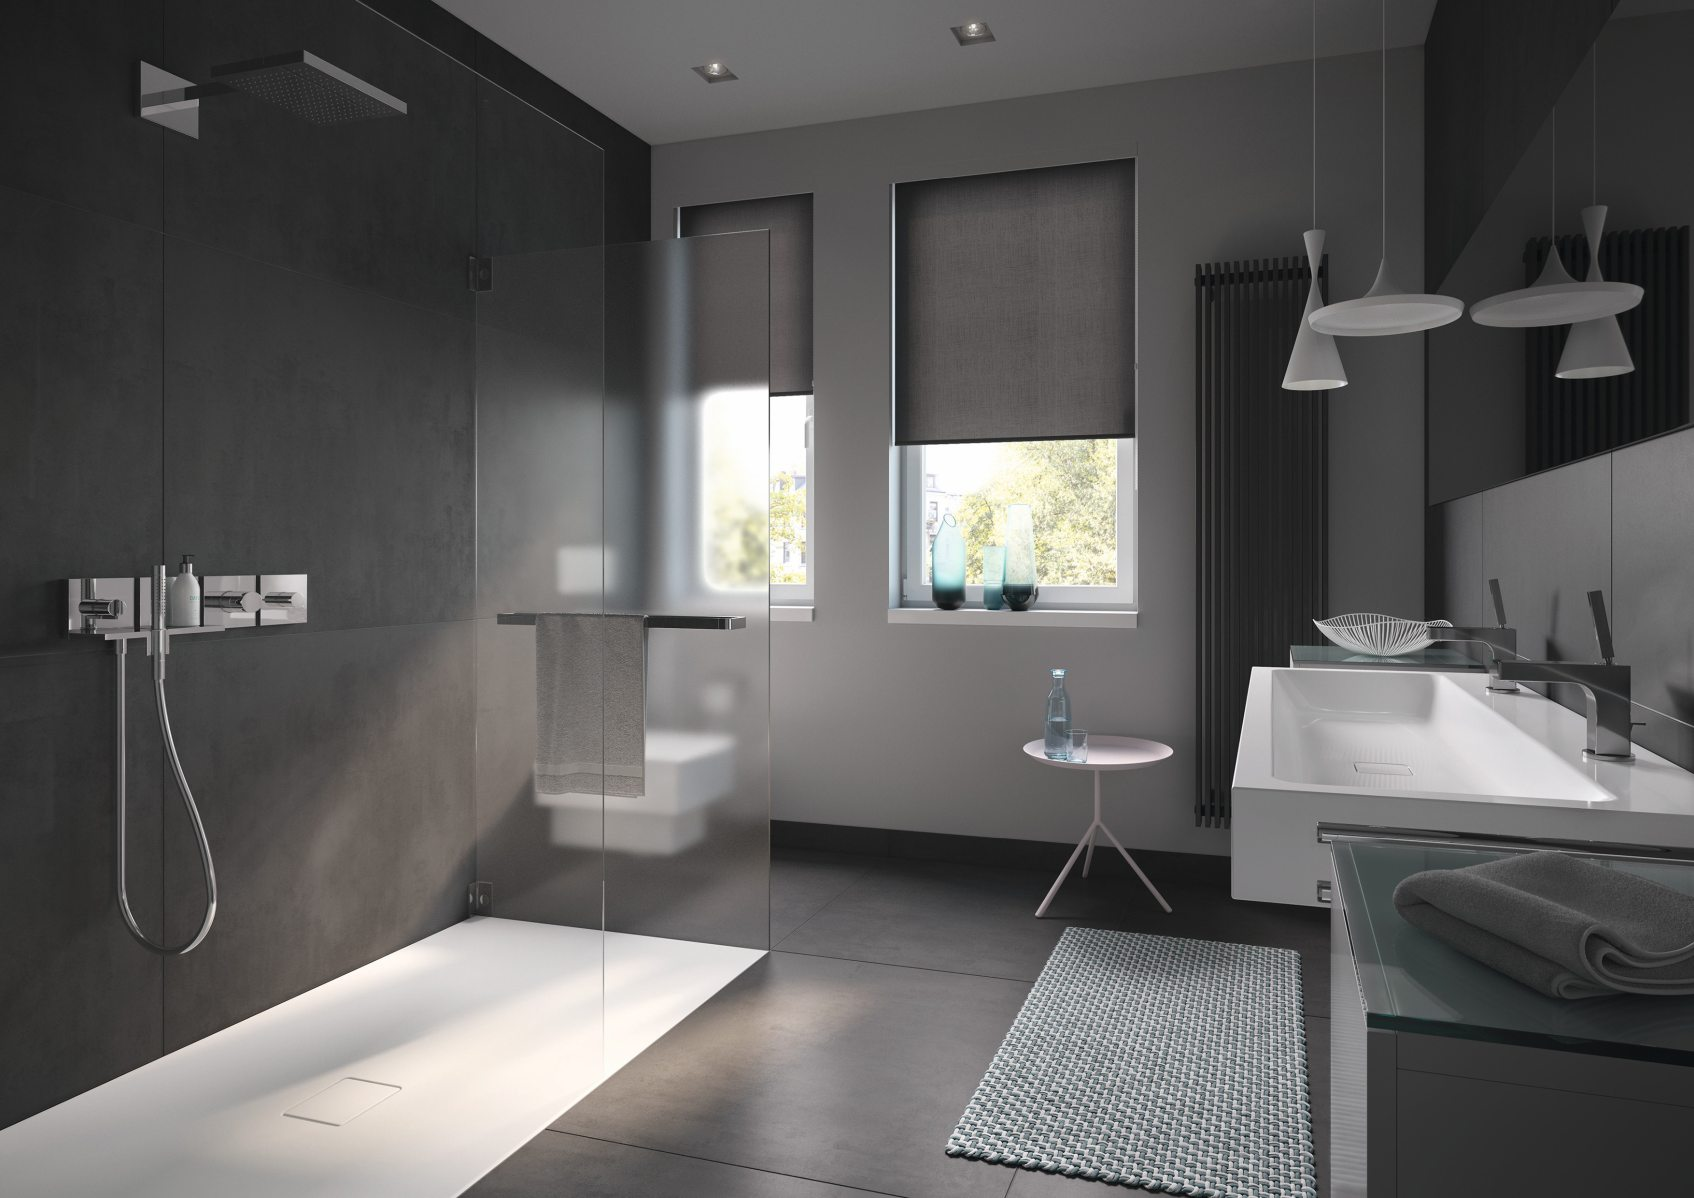 łazienka Aranżacje Sprawdź Modne Pomysły Na łazienkę Dużo